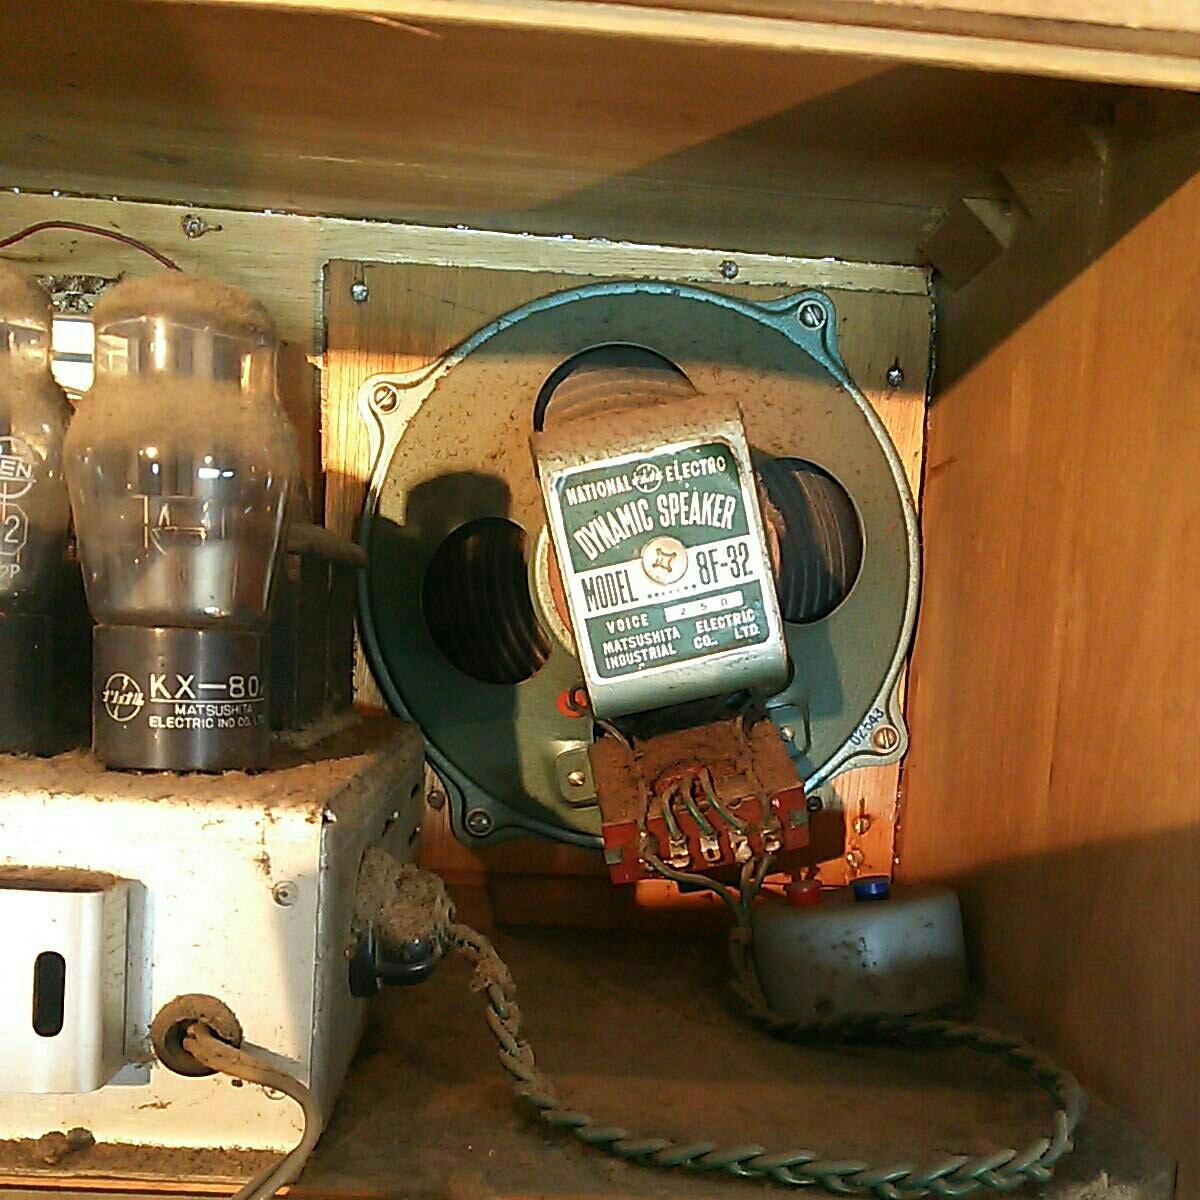 ナショナル 真空管 ラジオ ラヂオ 8F-32 ダイナミック スピーカー ジャンク TEN なす管 当時物 中古 アンティーク レトロ 部品取り_画像9